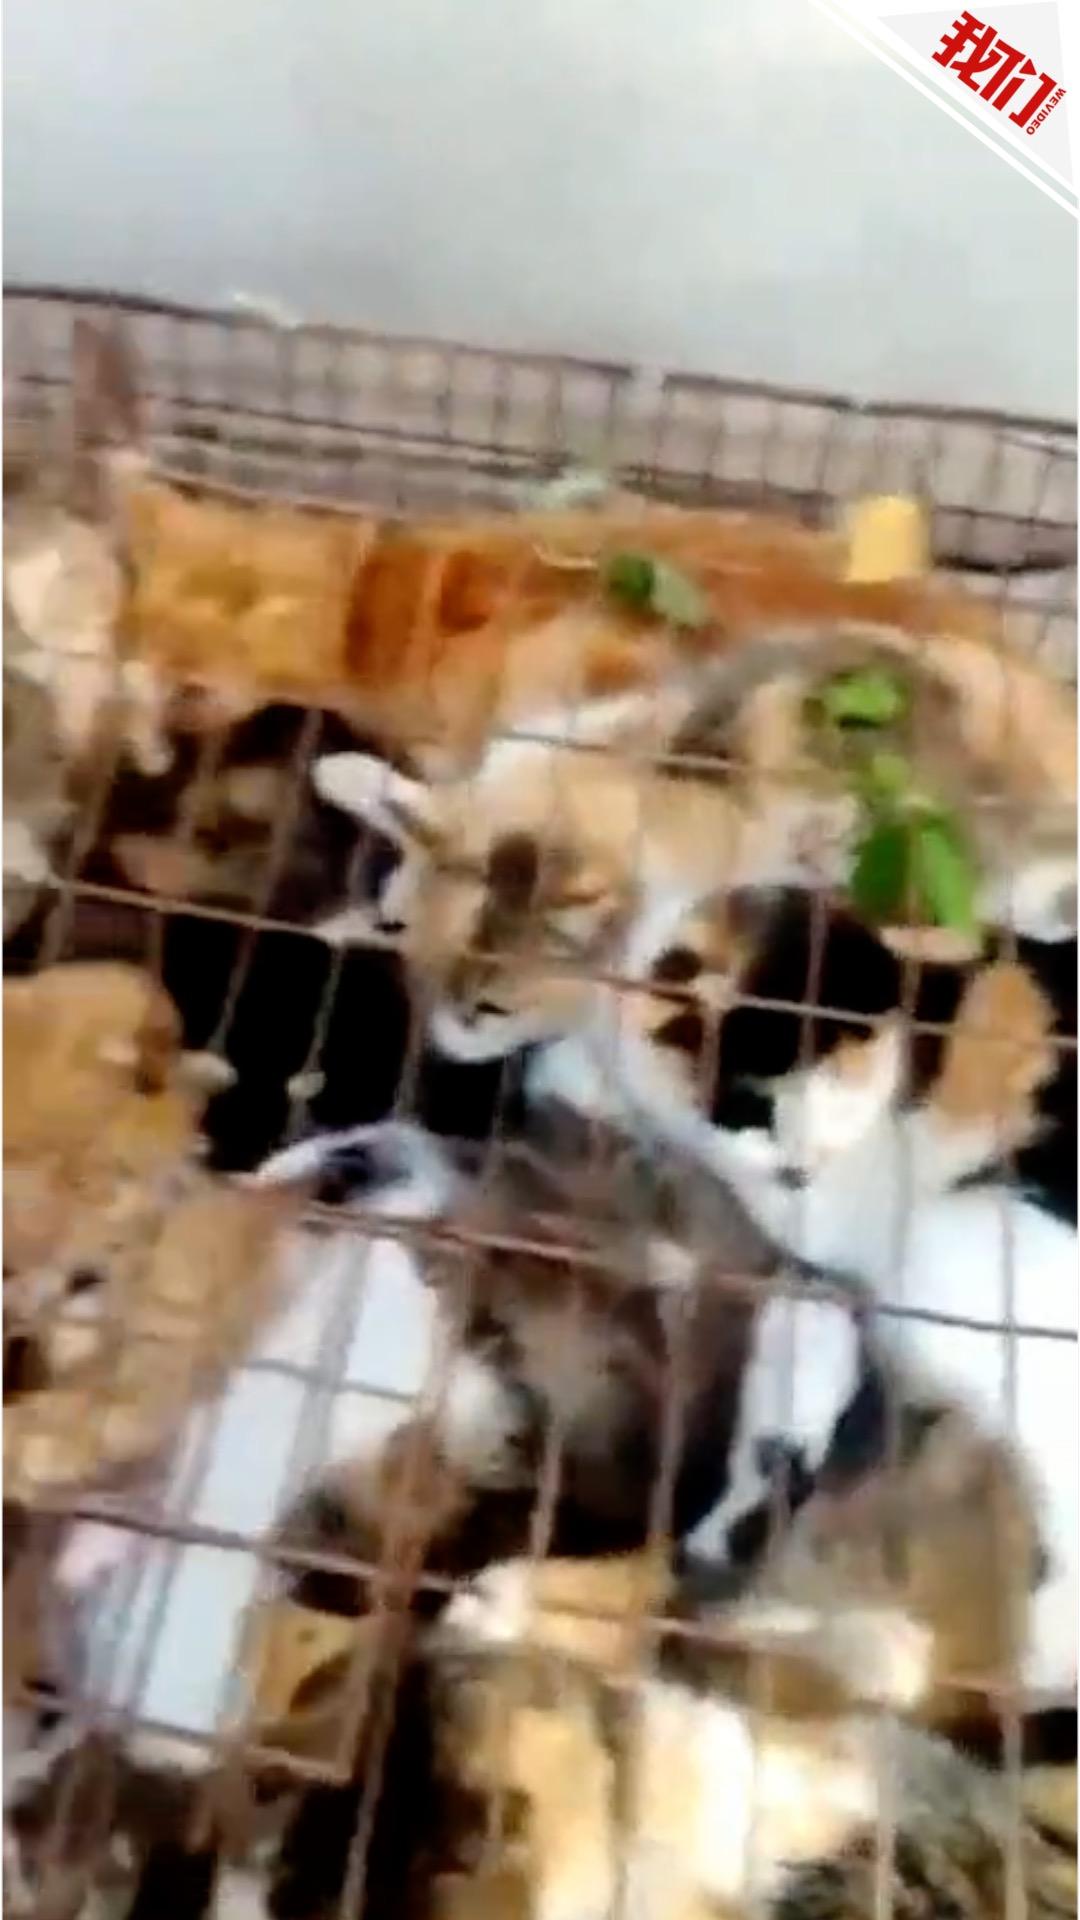 聊城数百只猫面临屠杀? 畜牧局:商贩收猫卖高价无屠杀